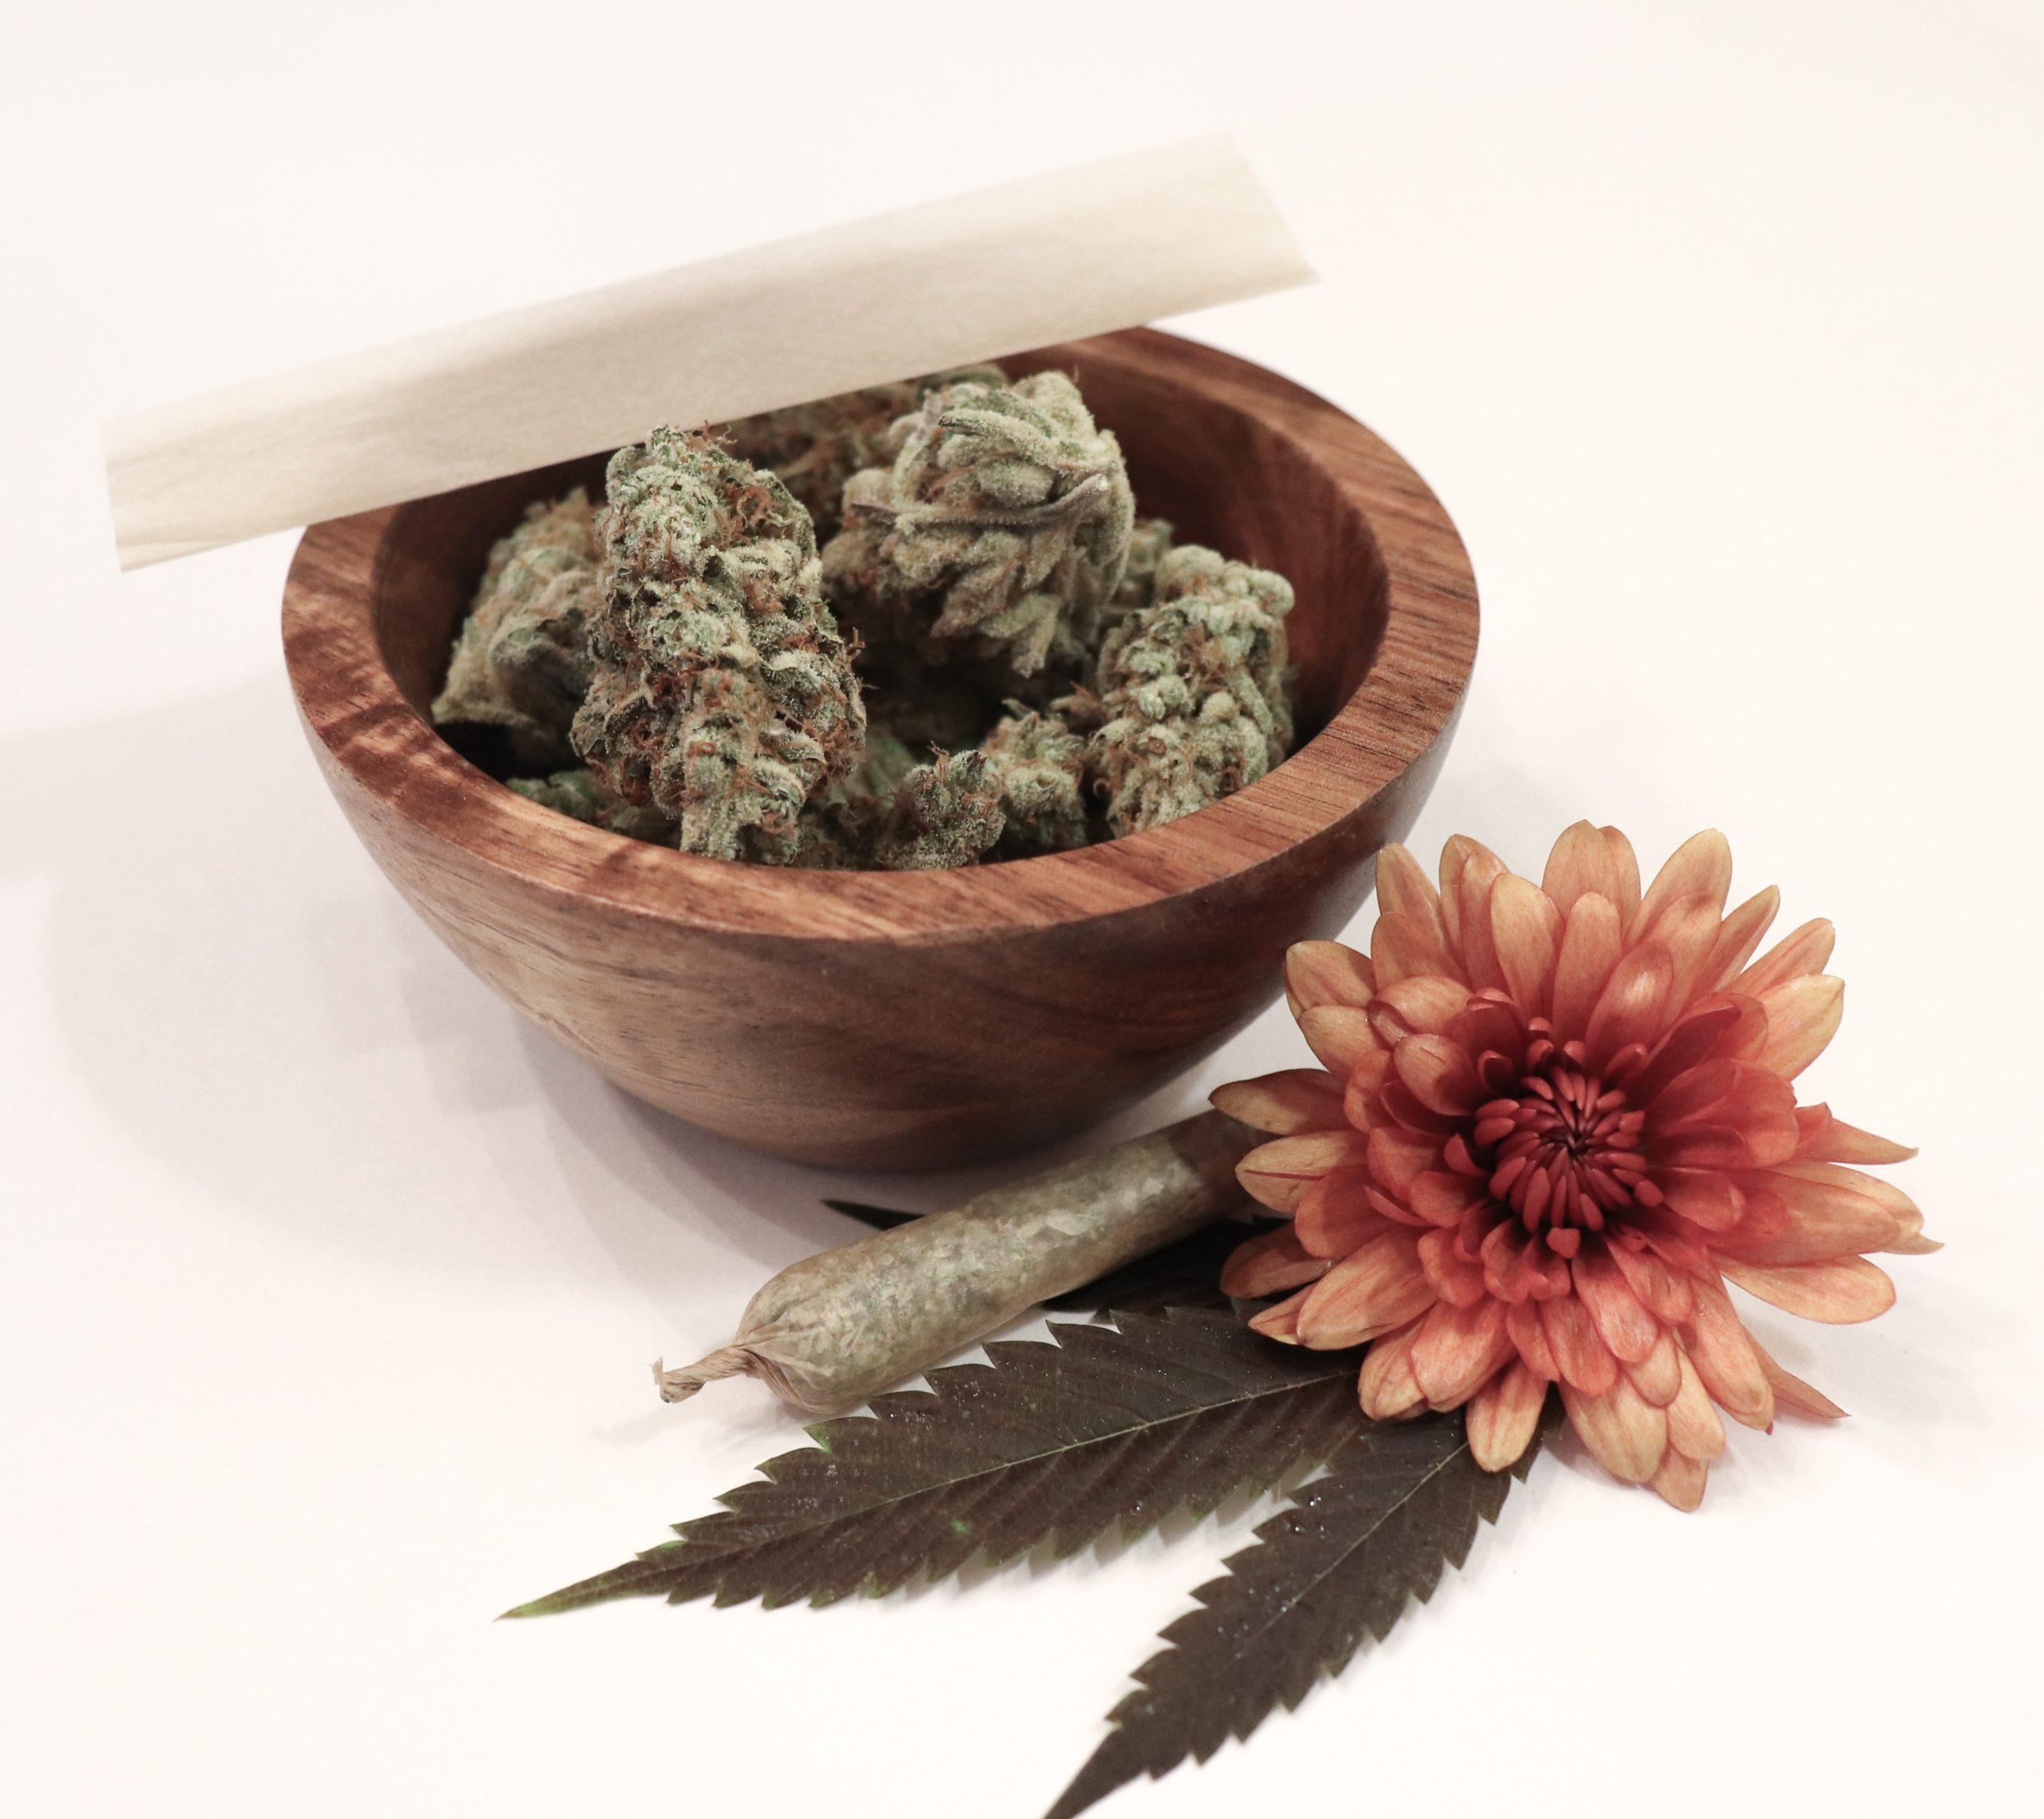 Sour Diesel Haze strain flower